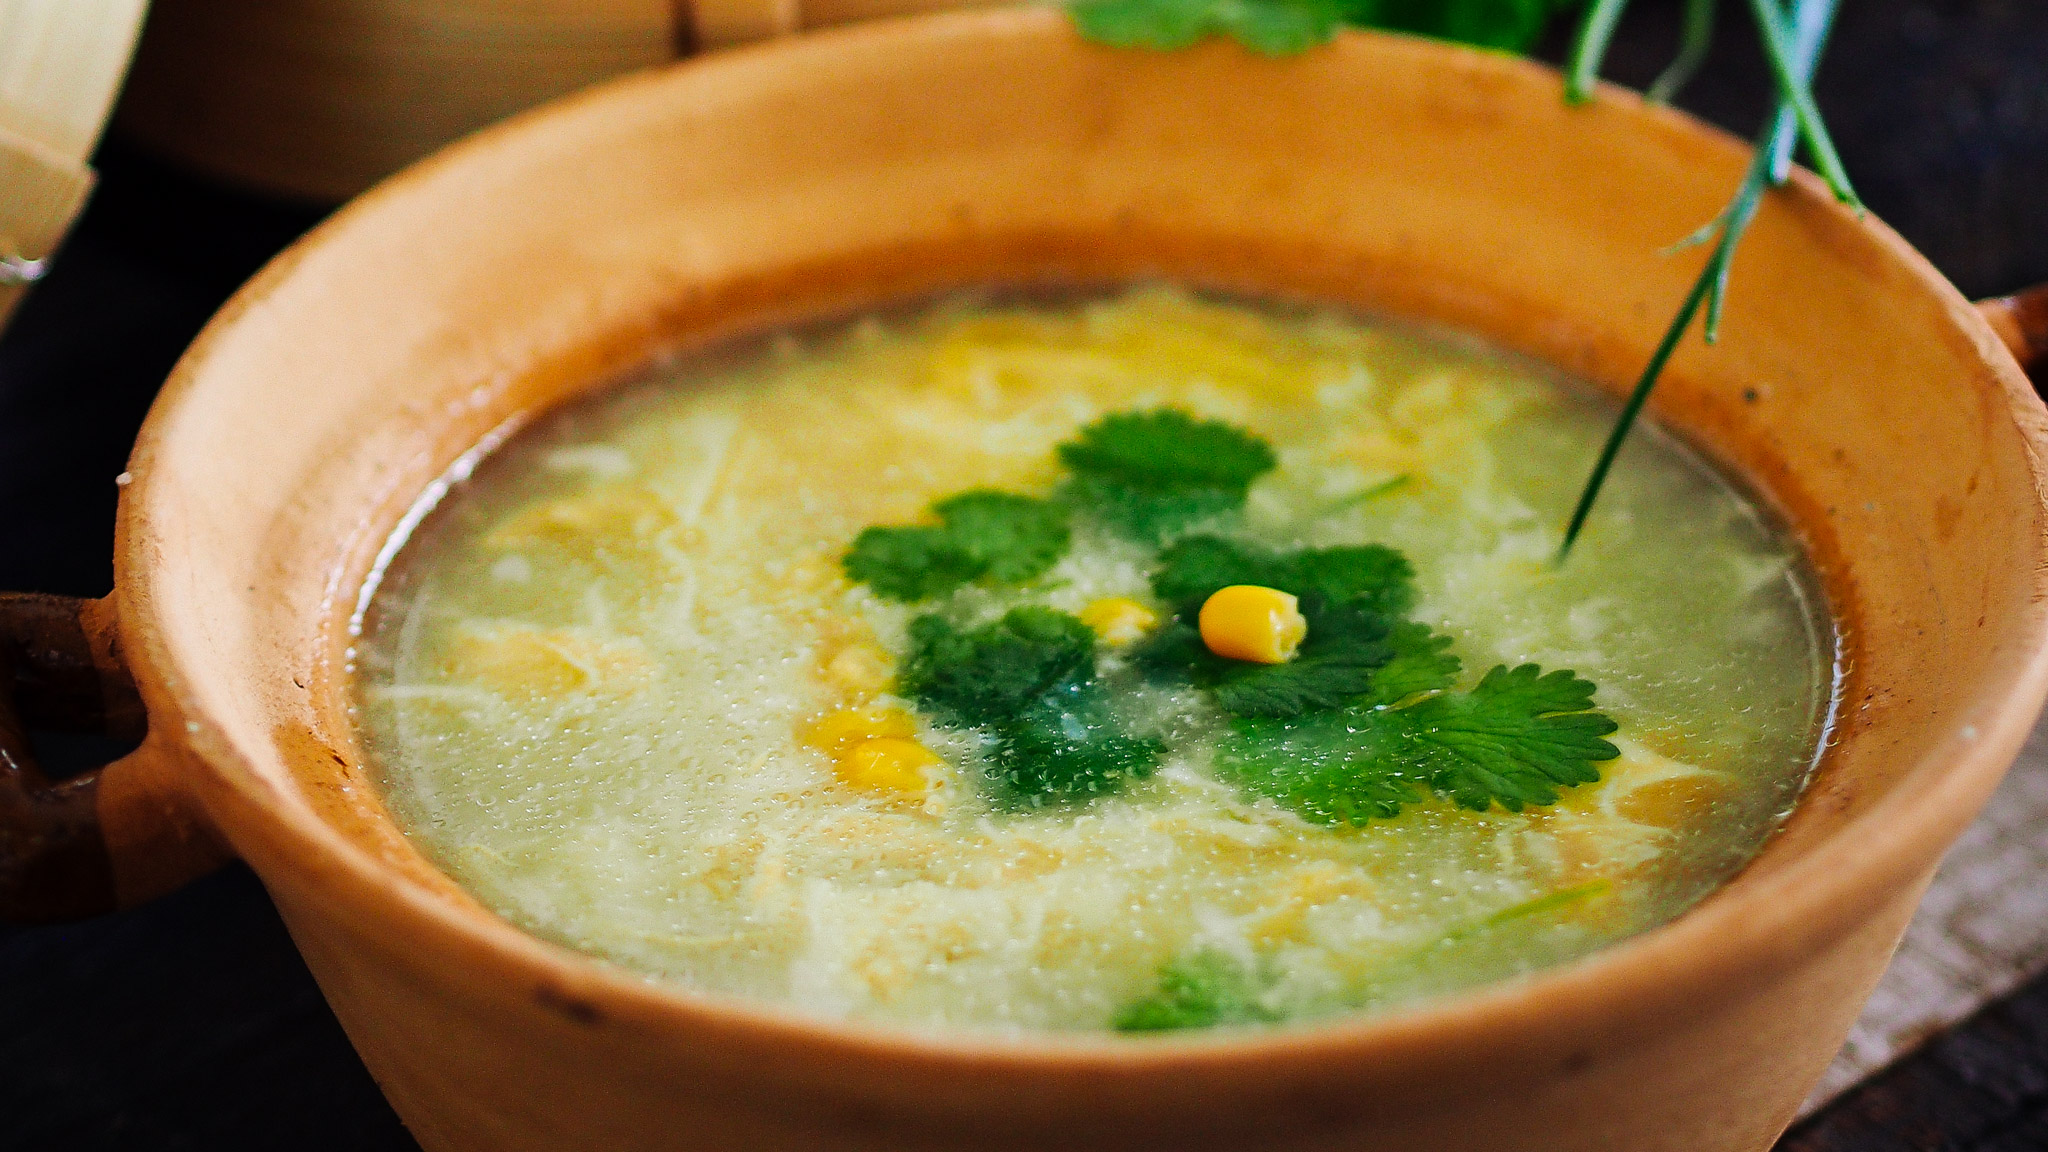 Kuchnia Chińska Przepisy Potrawy Slodkokwasnycom